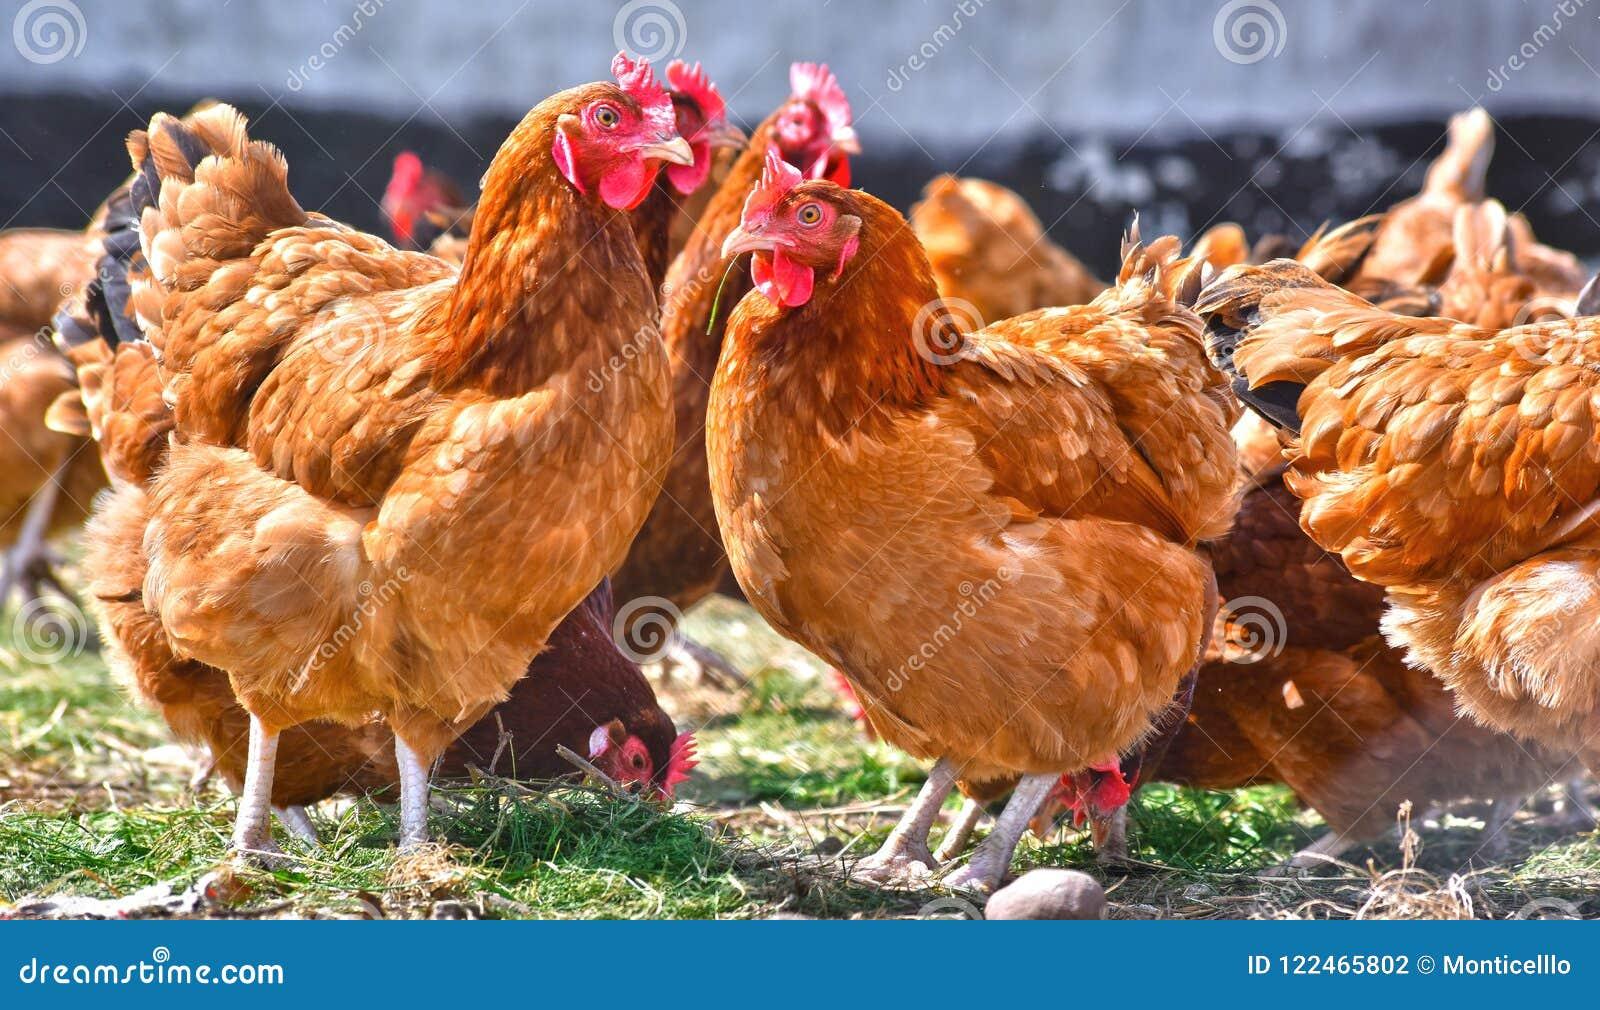 Цыплята на традиционной свободной птицеферме ряда